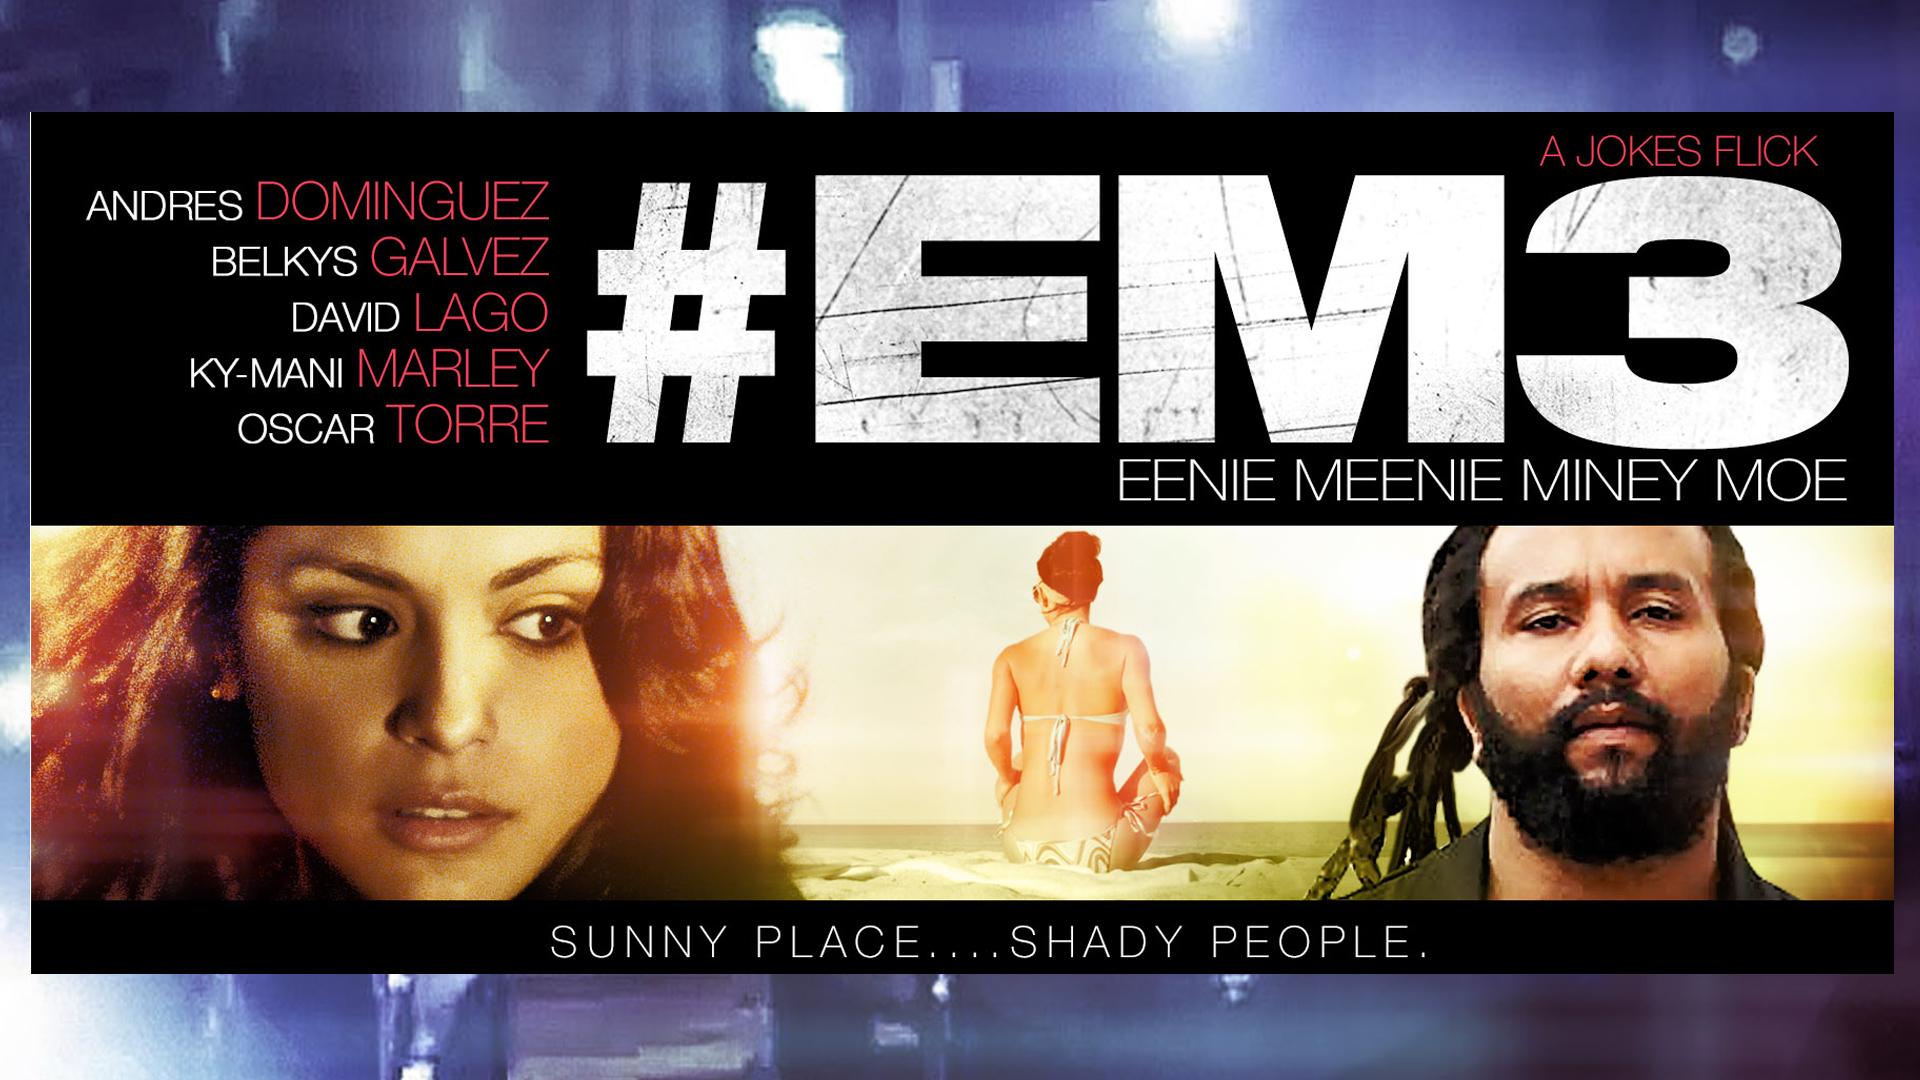 #EM3: Eenie Meenie Miney Moe